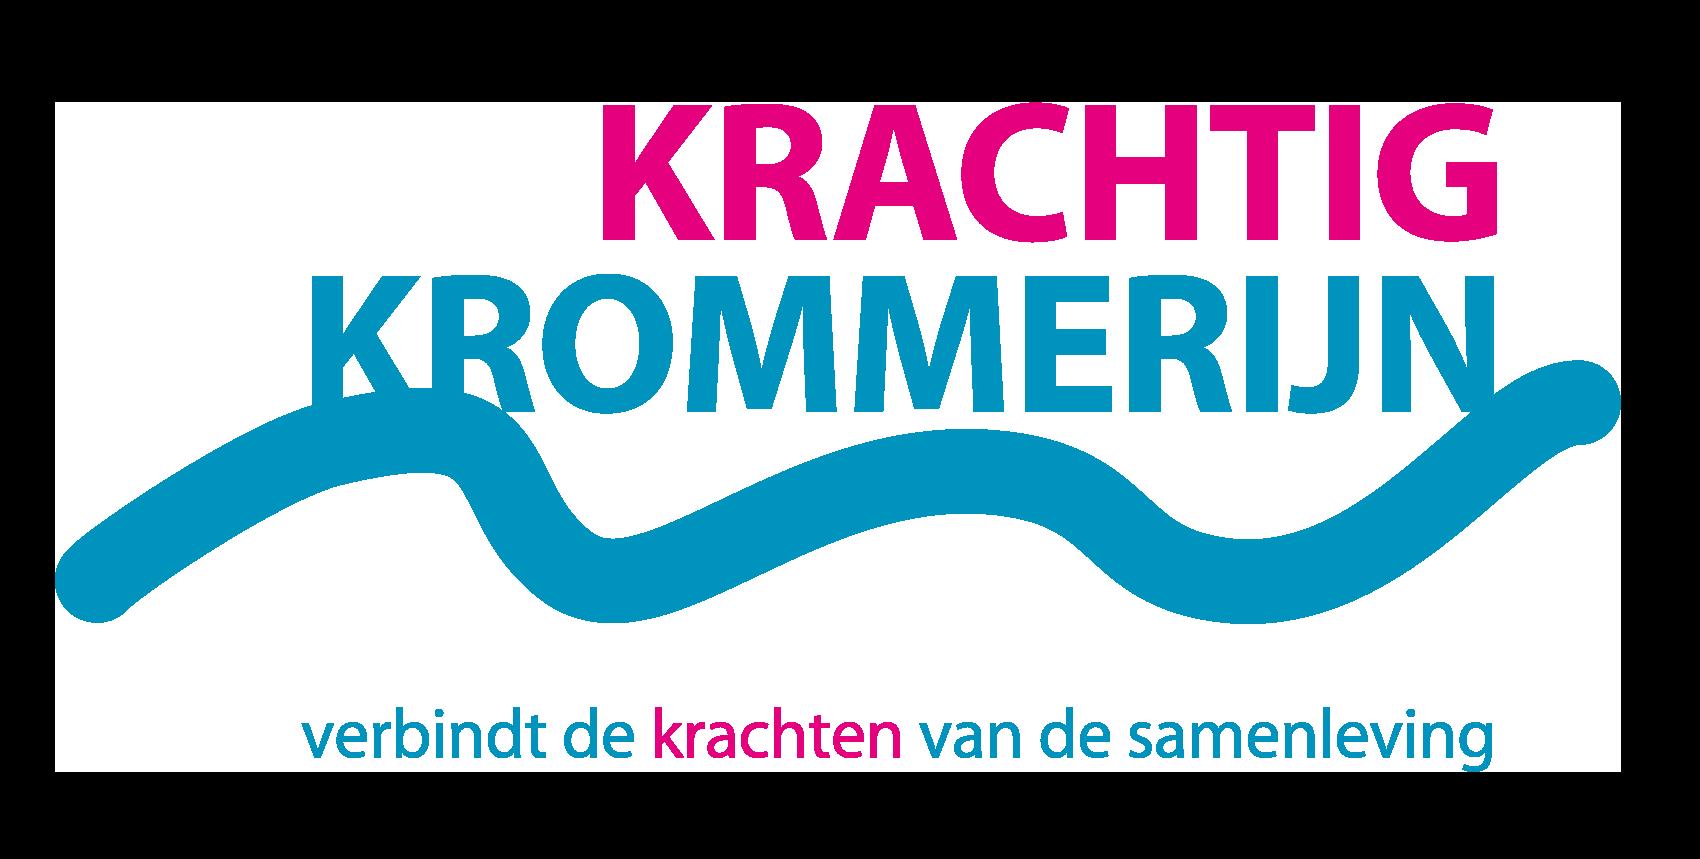 Krachtig Krommerijn Logo